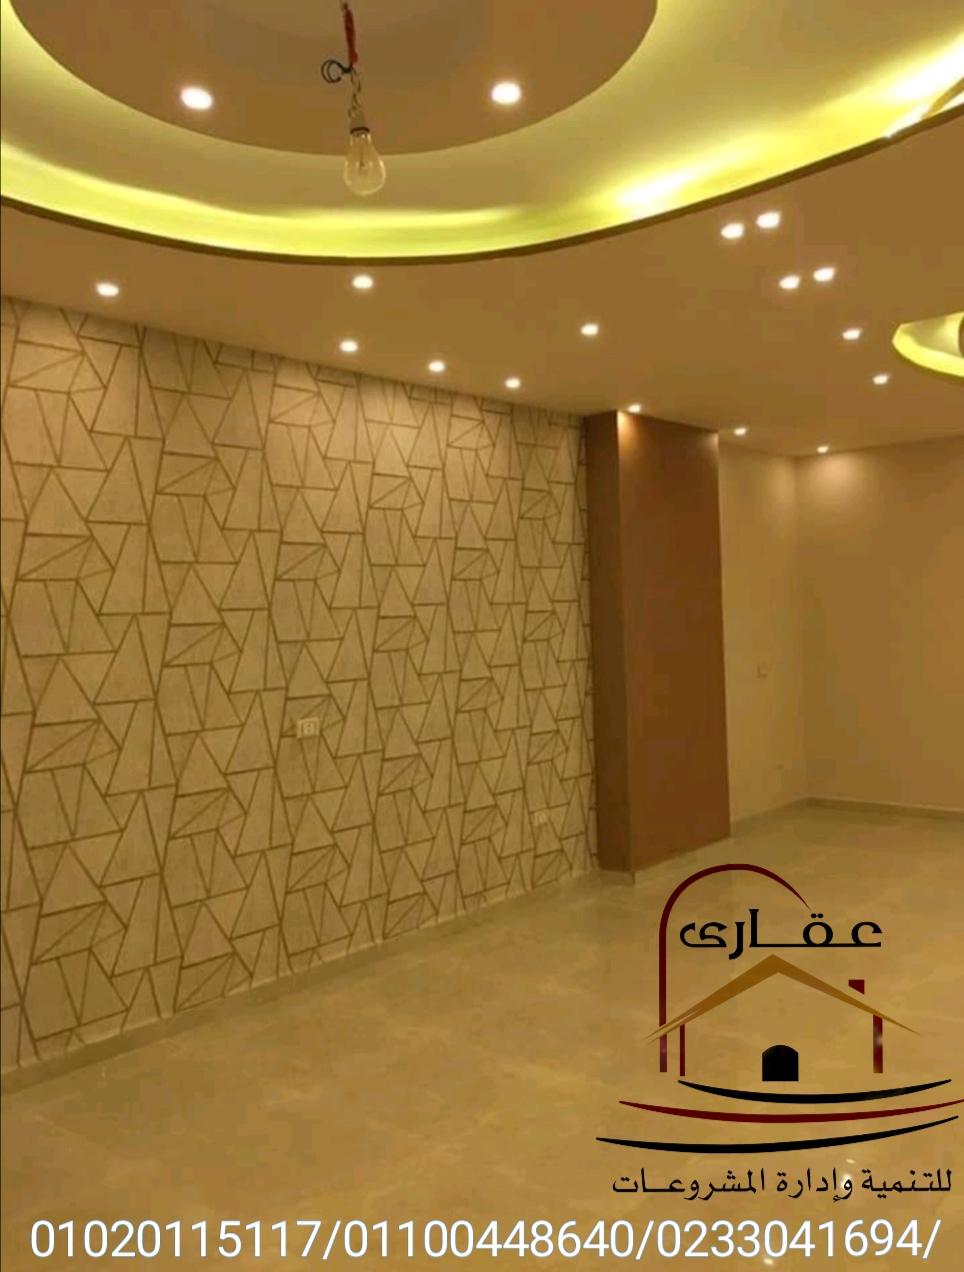 شركة  تشطيبات داخليه / شركة تشطيب في مصر / شركة عقارى 01020115117 Img-1159